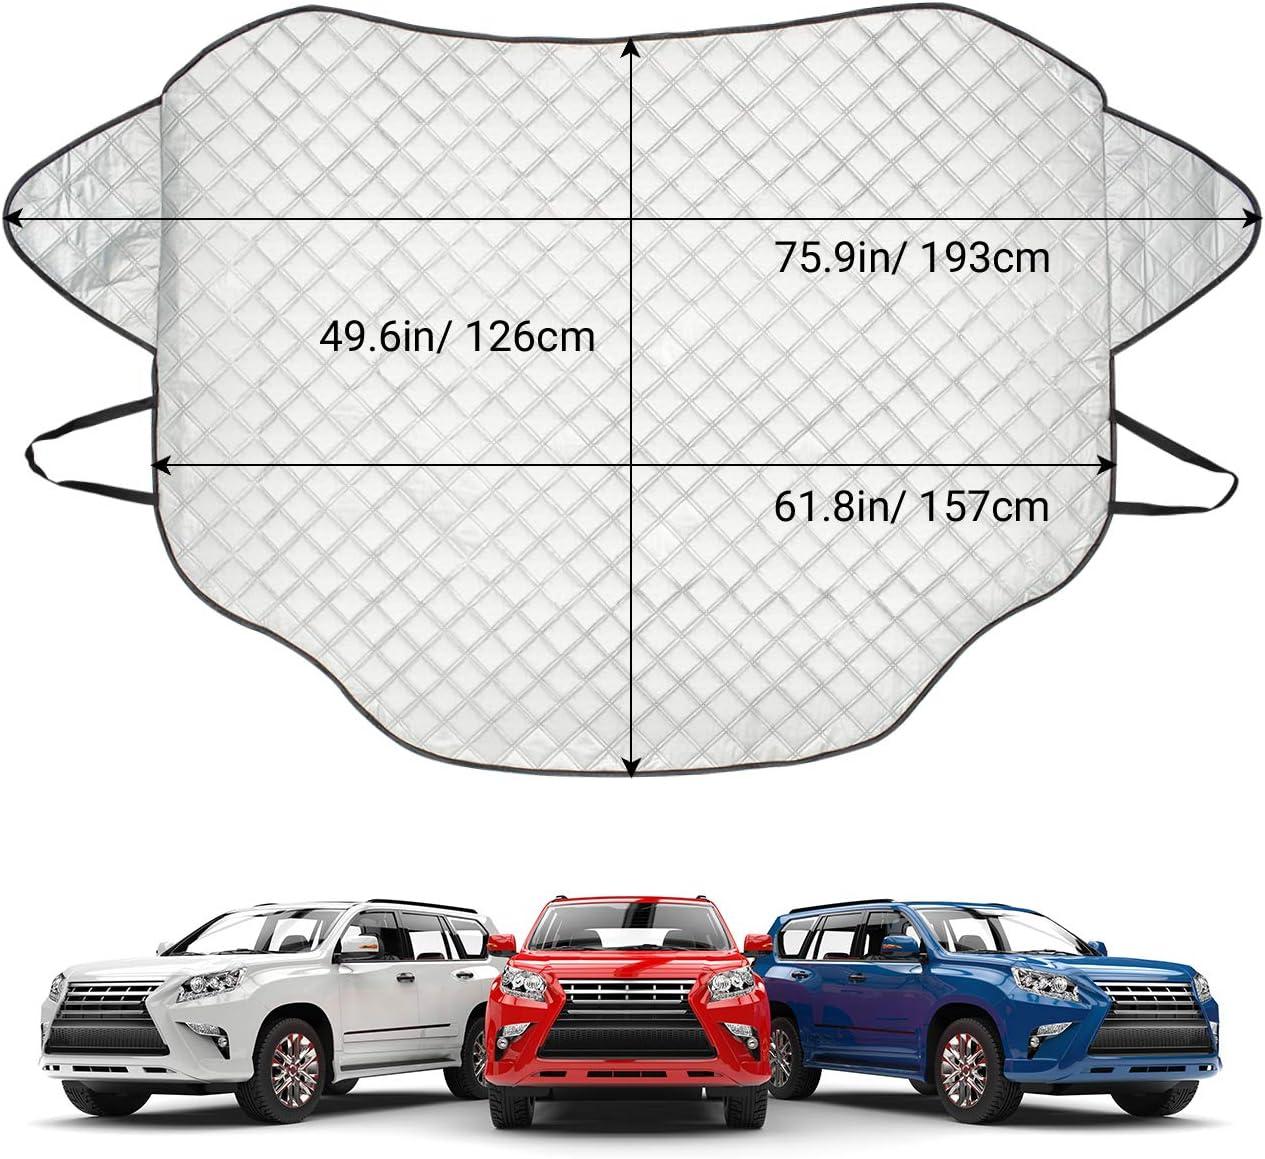 Parasole Telo Copri Parabrezza Magnetico per la Maggior Parte dei SUV Telo Protezione per Parabrezza di Auto Resistente a Gelo//Acqua//Pioggia//Neve//UV 157 x 126cm Favoto Copertura Parabrezza Auto